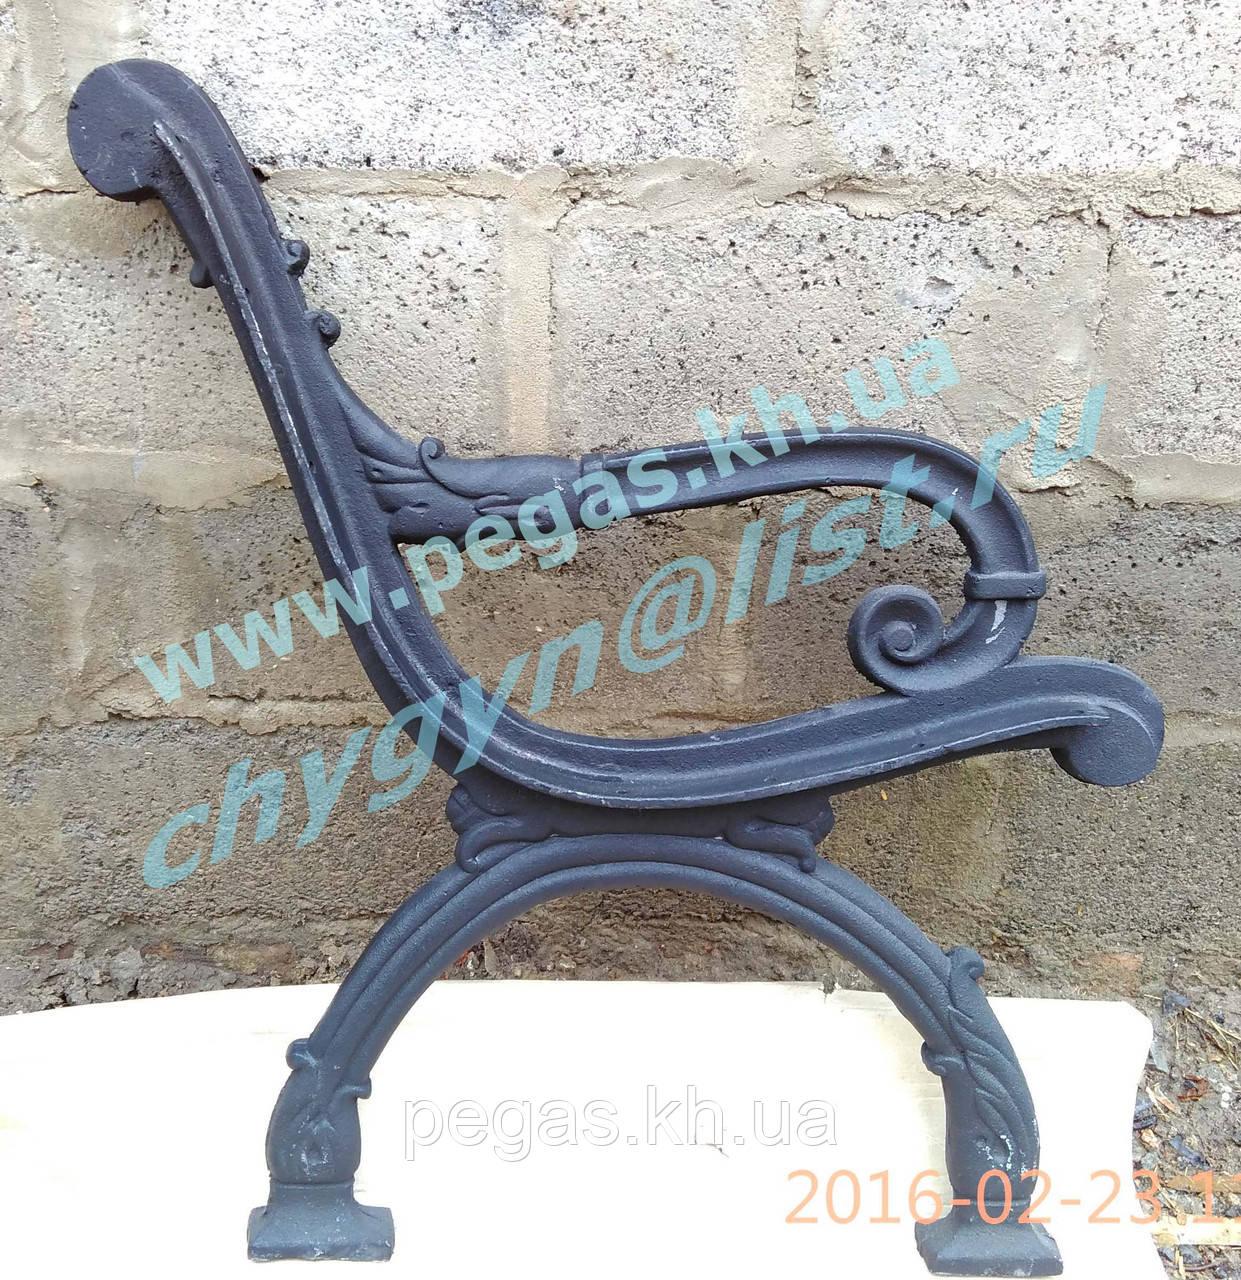 Ножки чугунные для скамейки, лавки